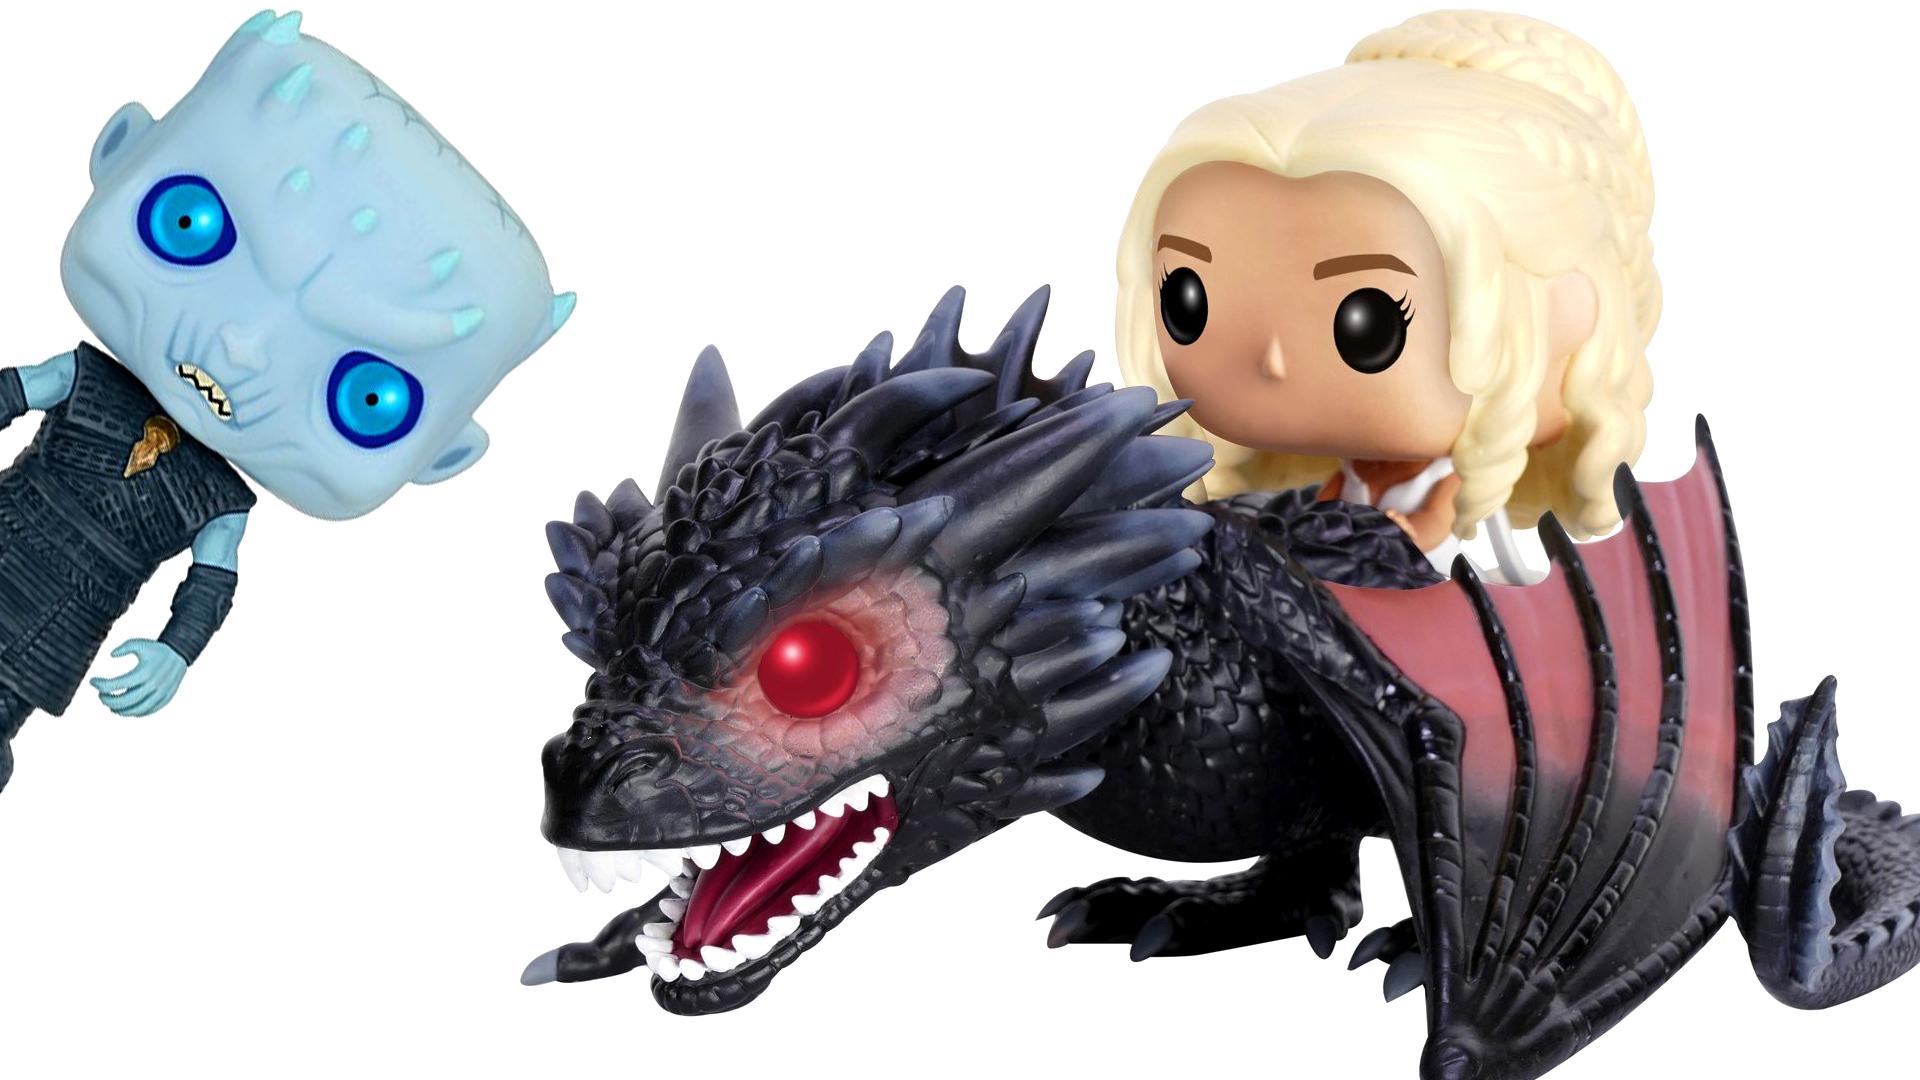 7 Must-Buy Game of Thrones Funko POP Figures